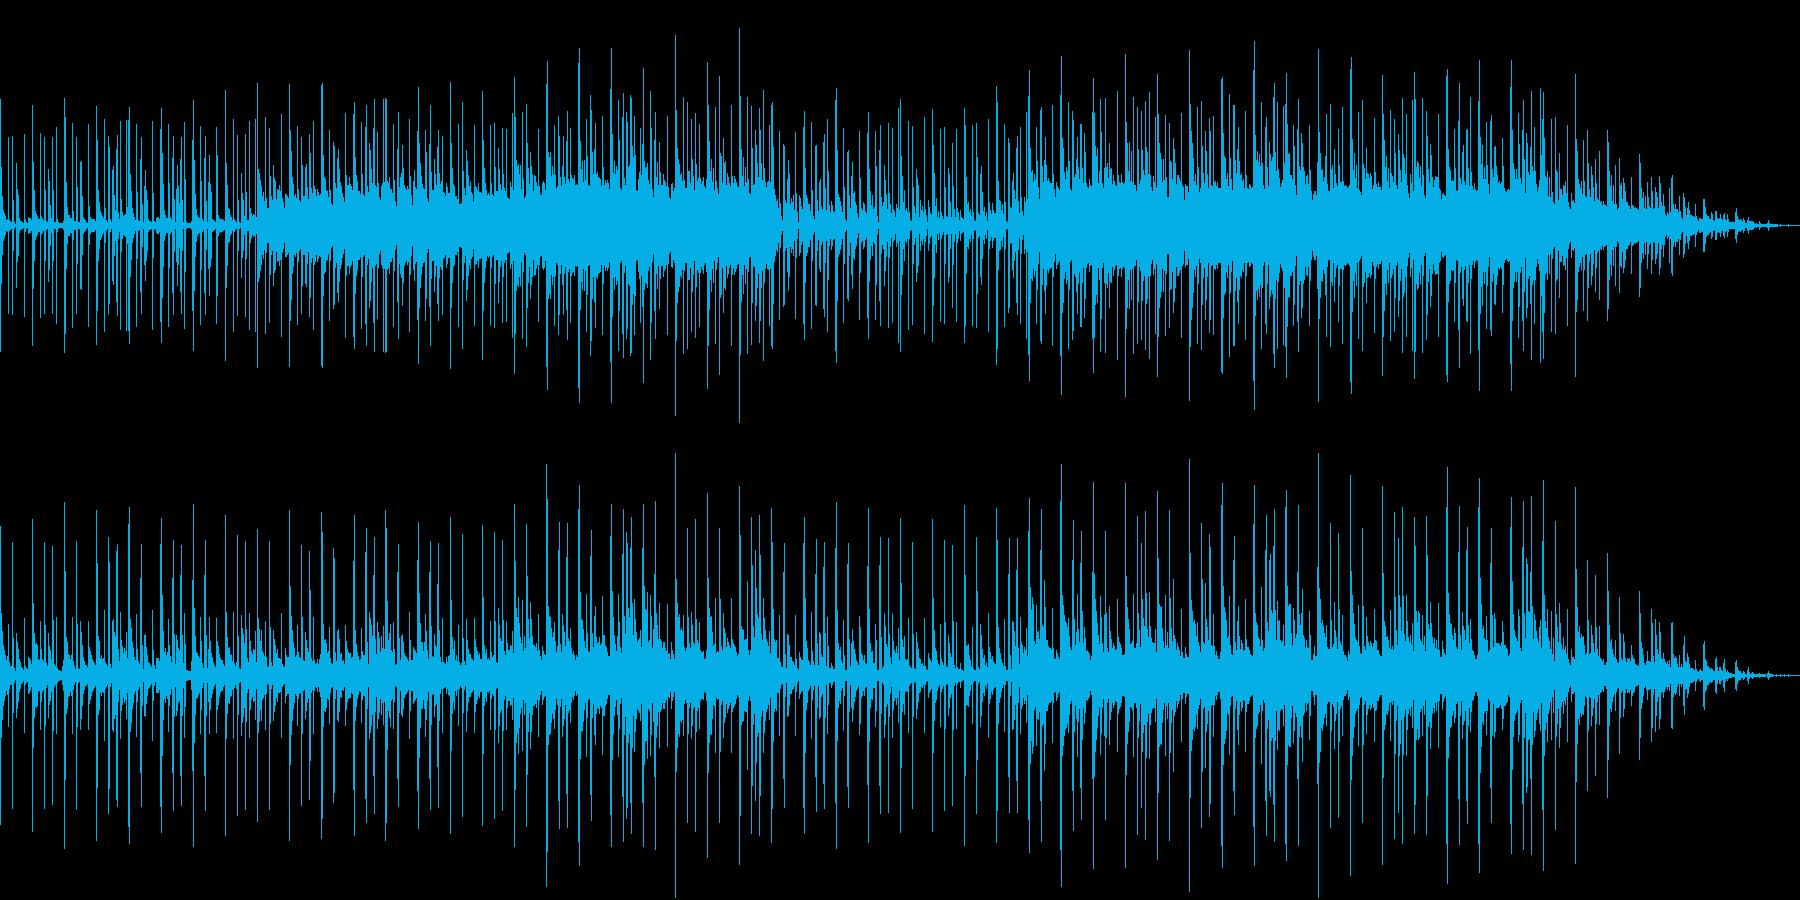 ほのぼのした雰囲気のR&B調サウンドの再生済みの波形